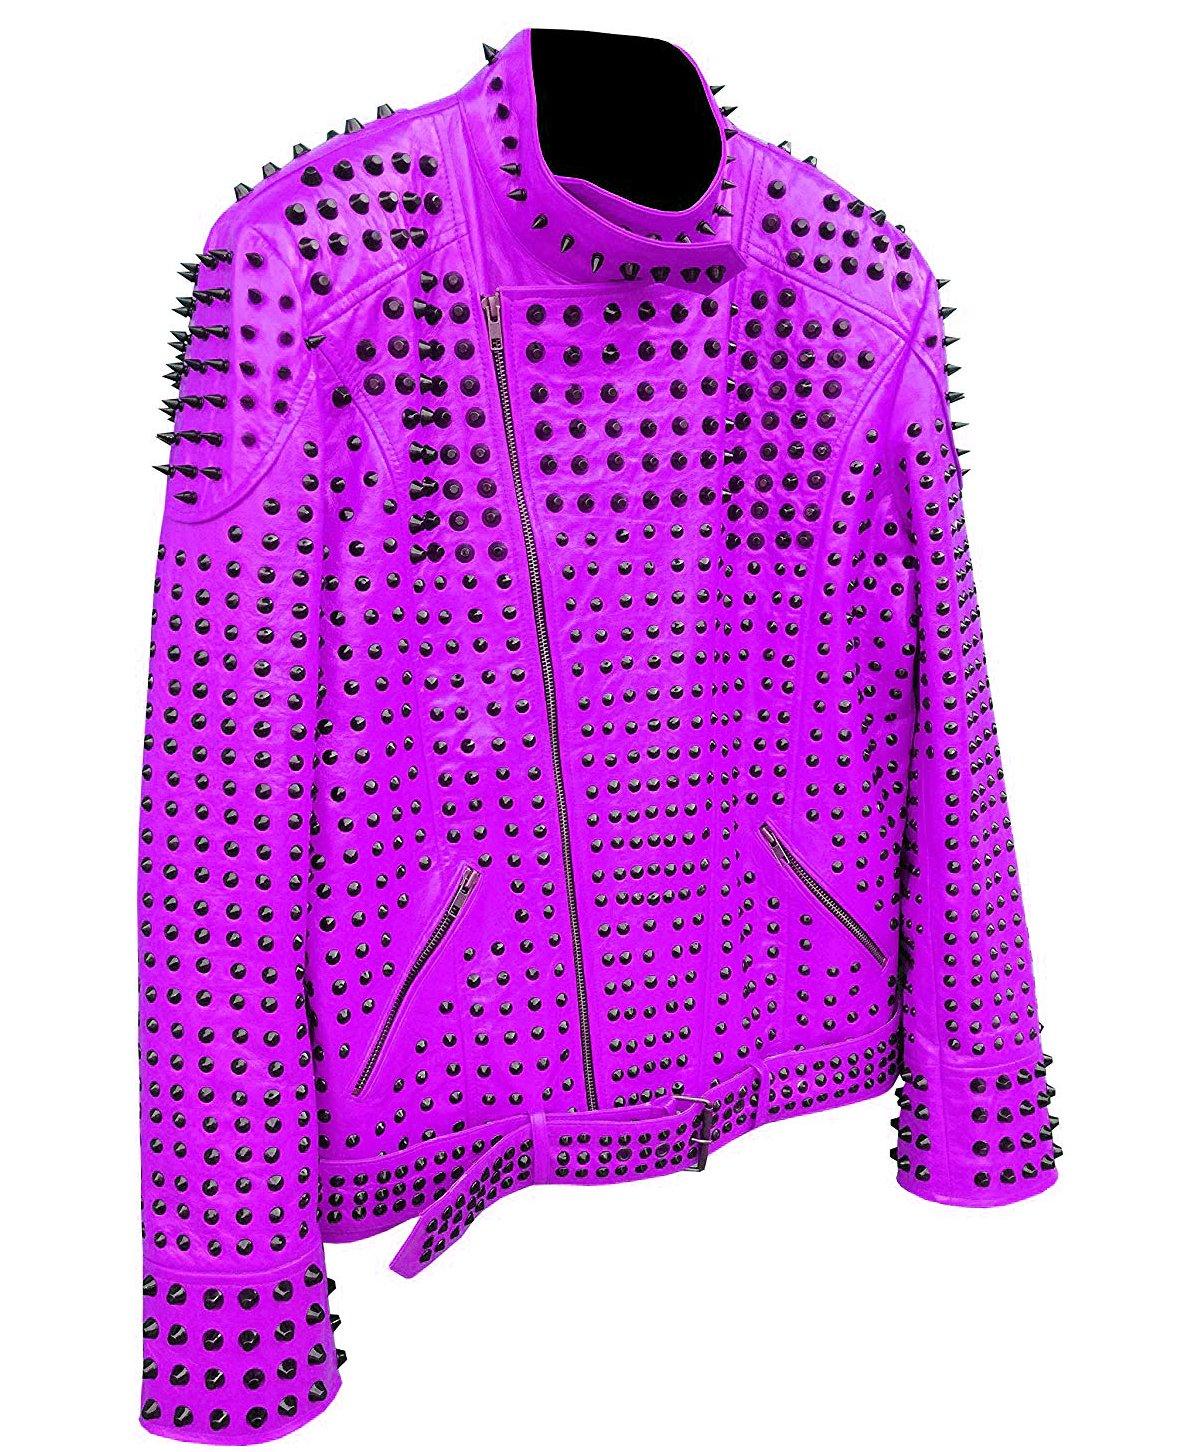 Men motorbike fashion style full body gothic studded purple leather jacket SIze 6xl